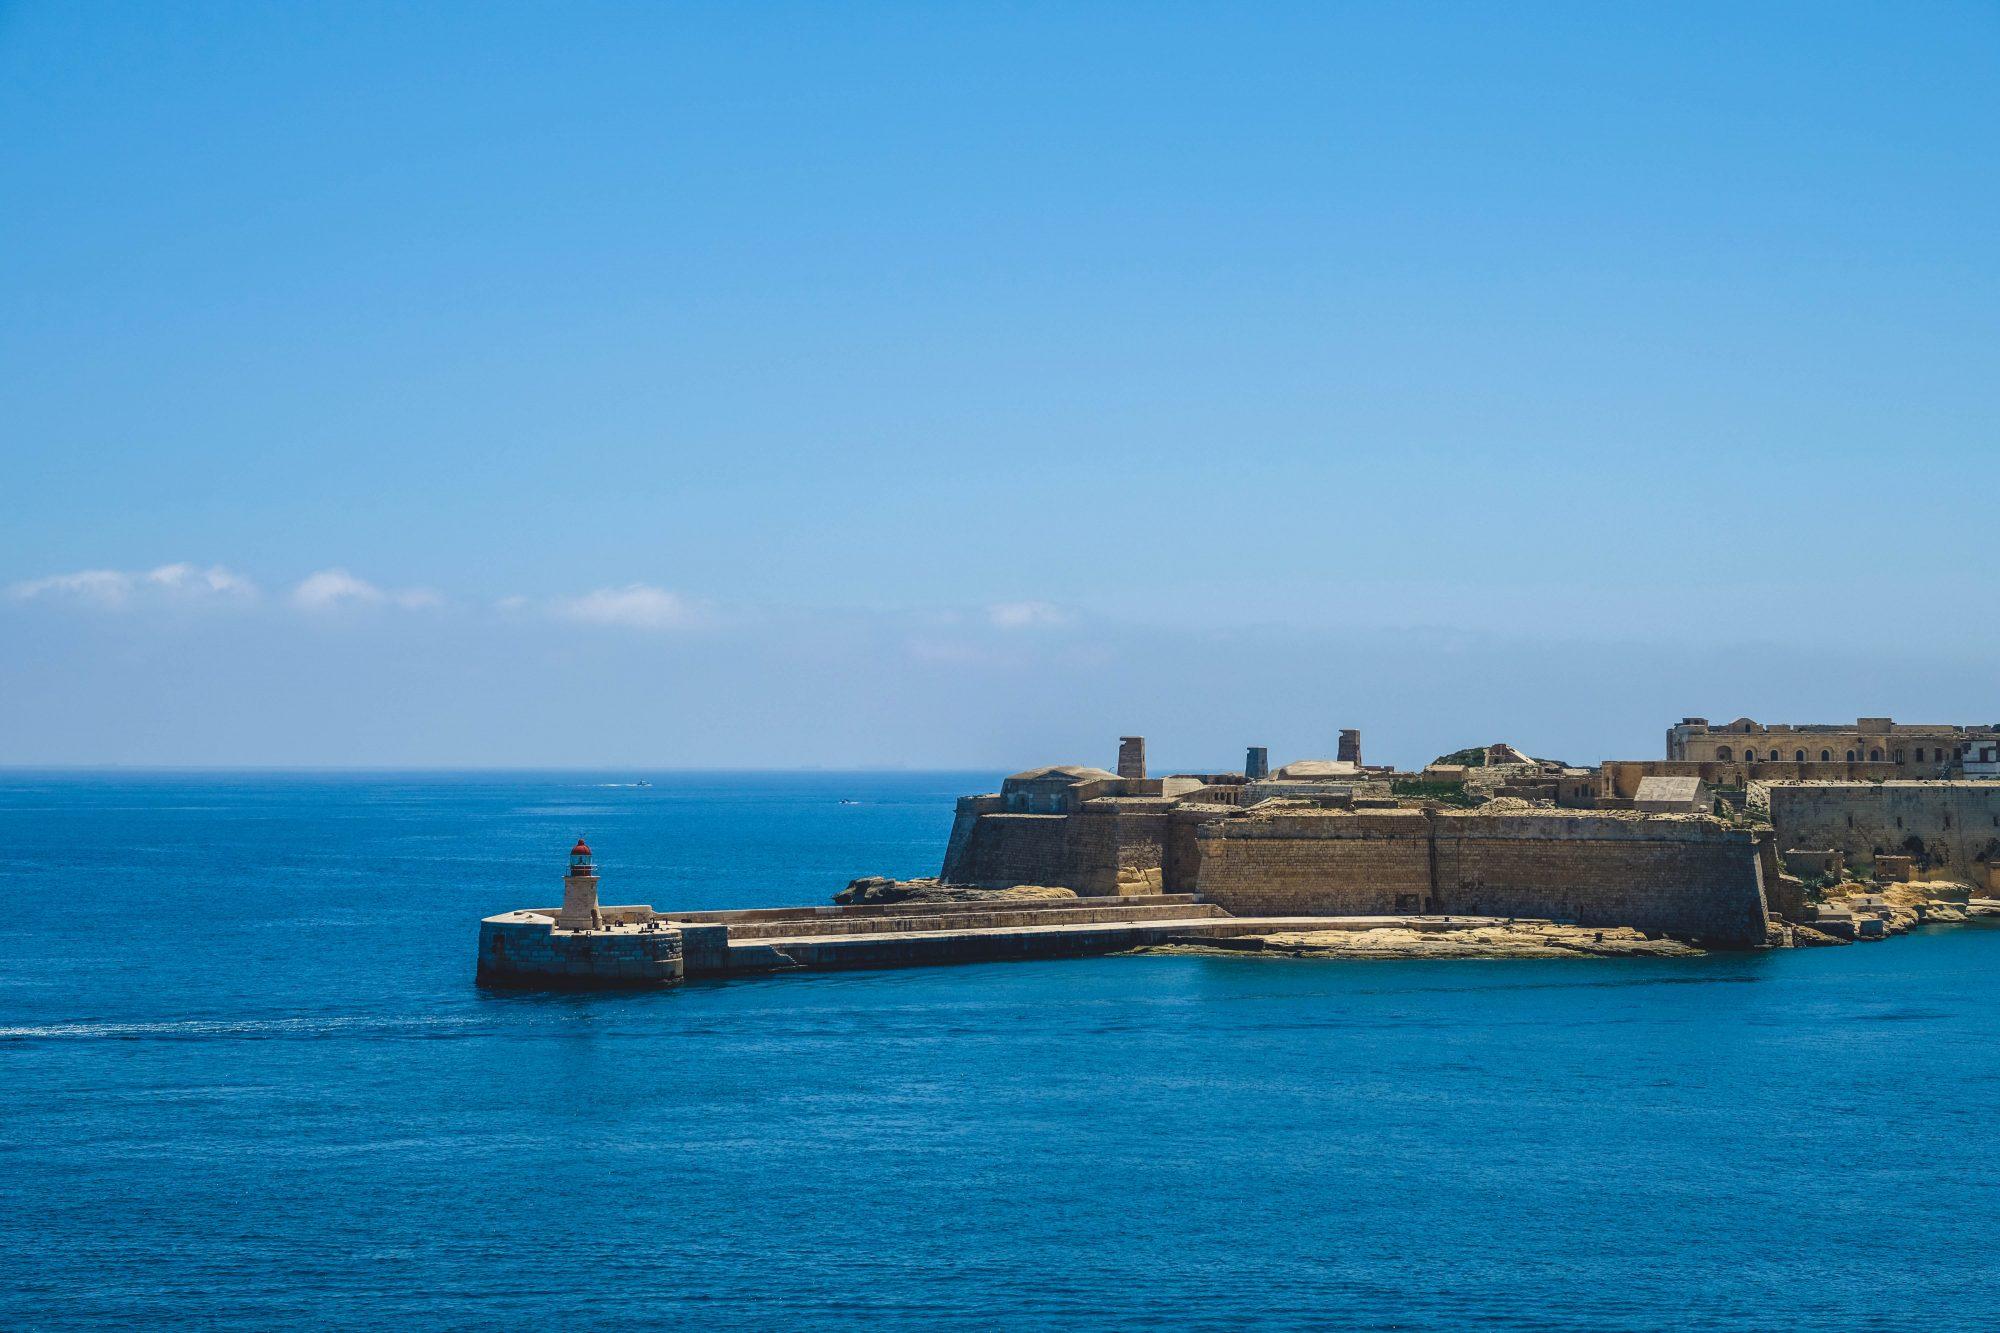 Pointe des 3 cités - Il Karkara La Valette Malte